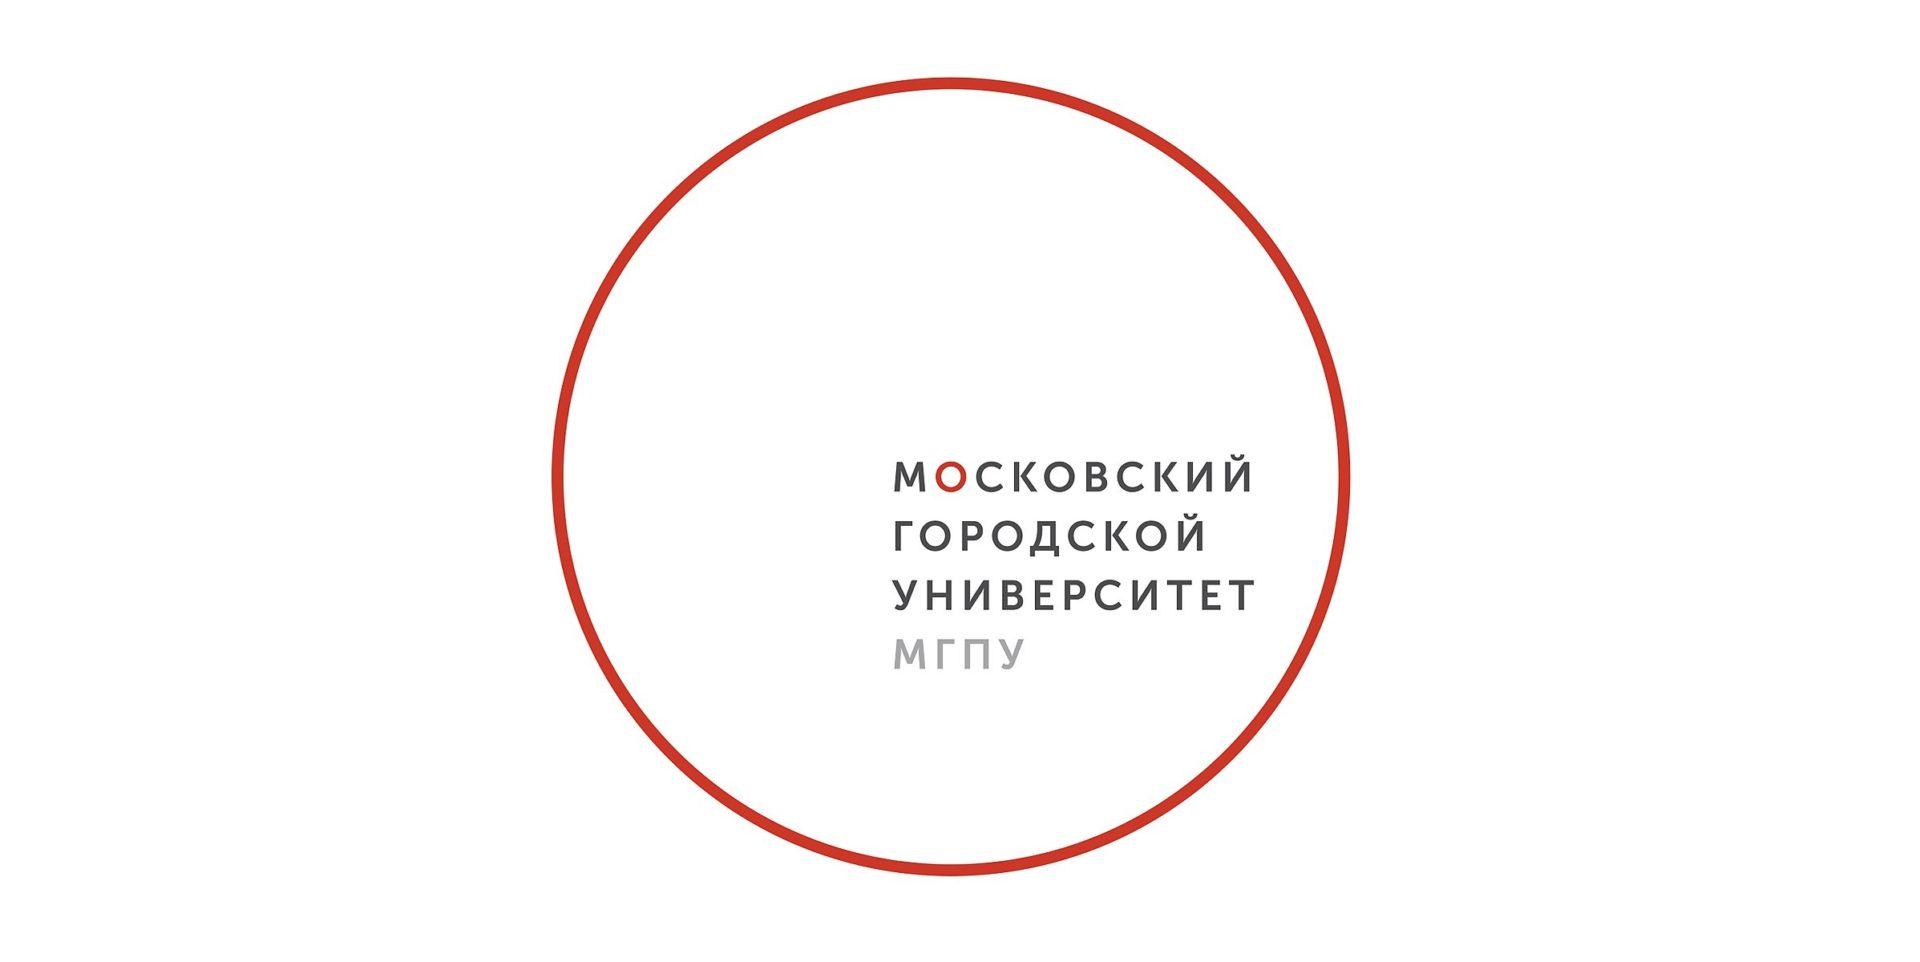 Конференция в МГПУ